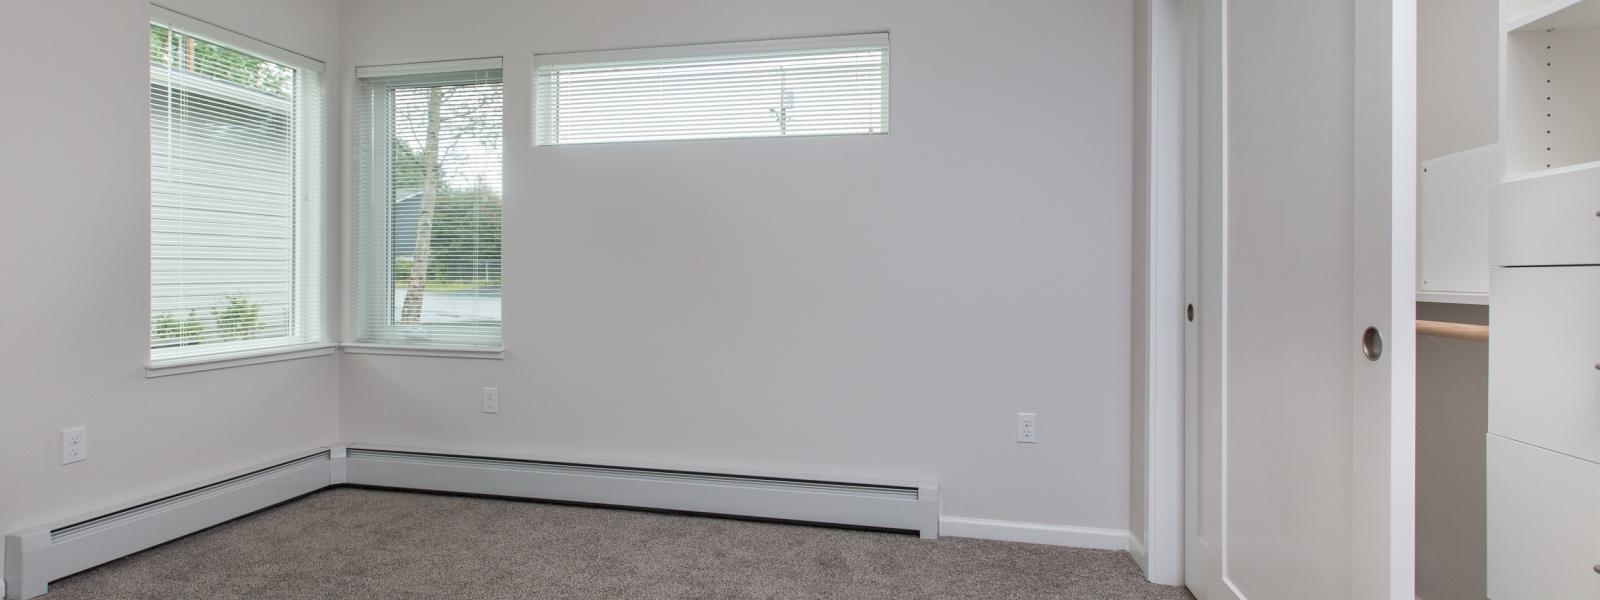 2823 Breezewood Drive, Anchorage, 99517, 1 Bedroom Bedrooms, ,1 BathroomBathrooms,Duplex,For Rent,Breezewood Drive,1067